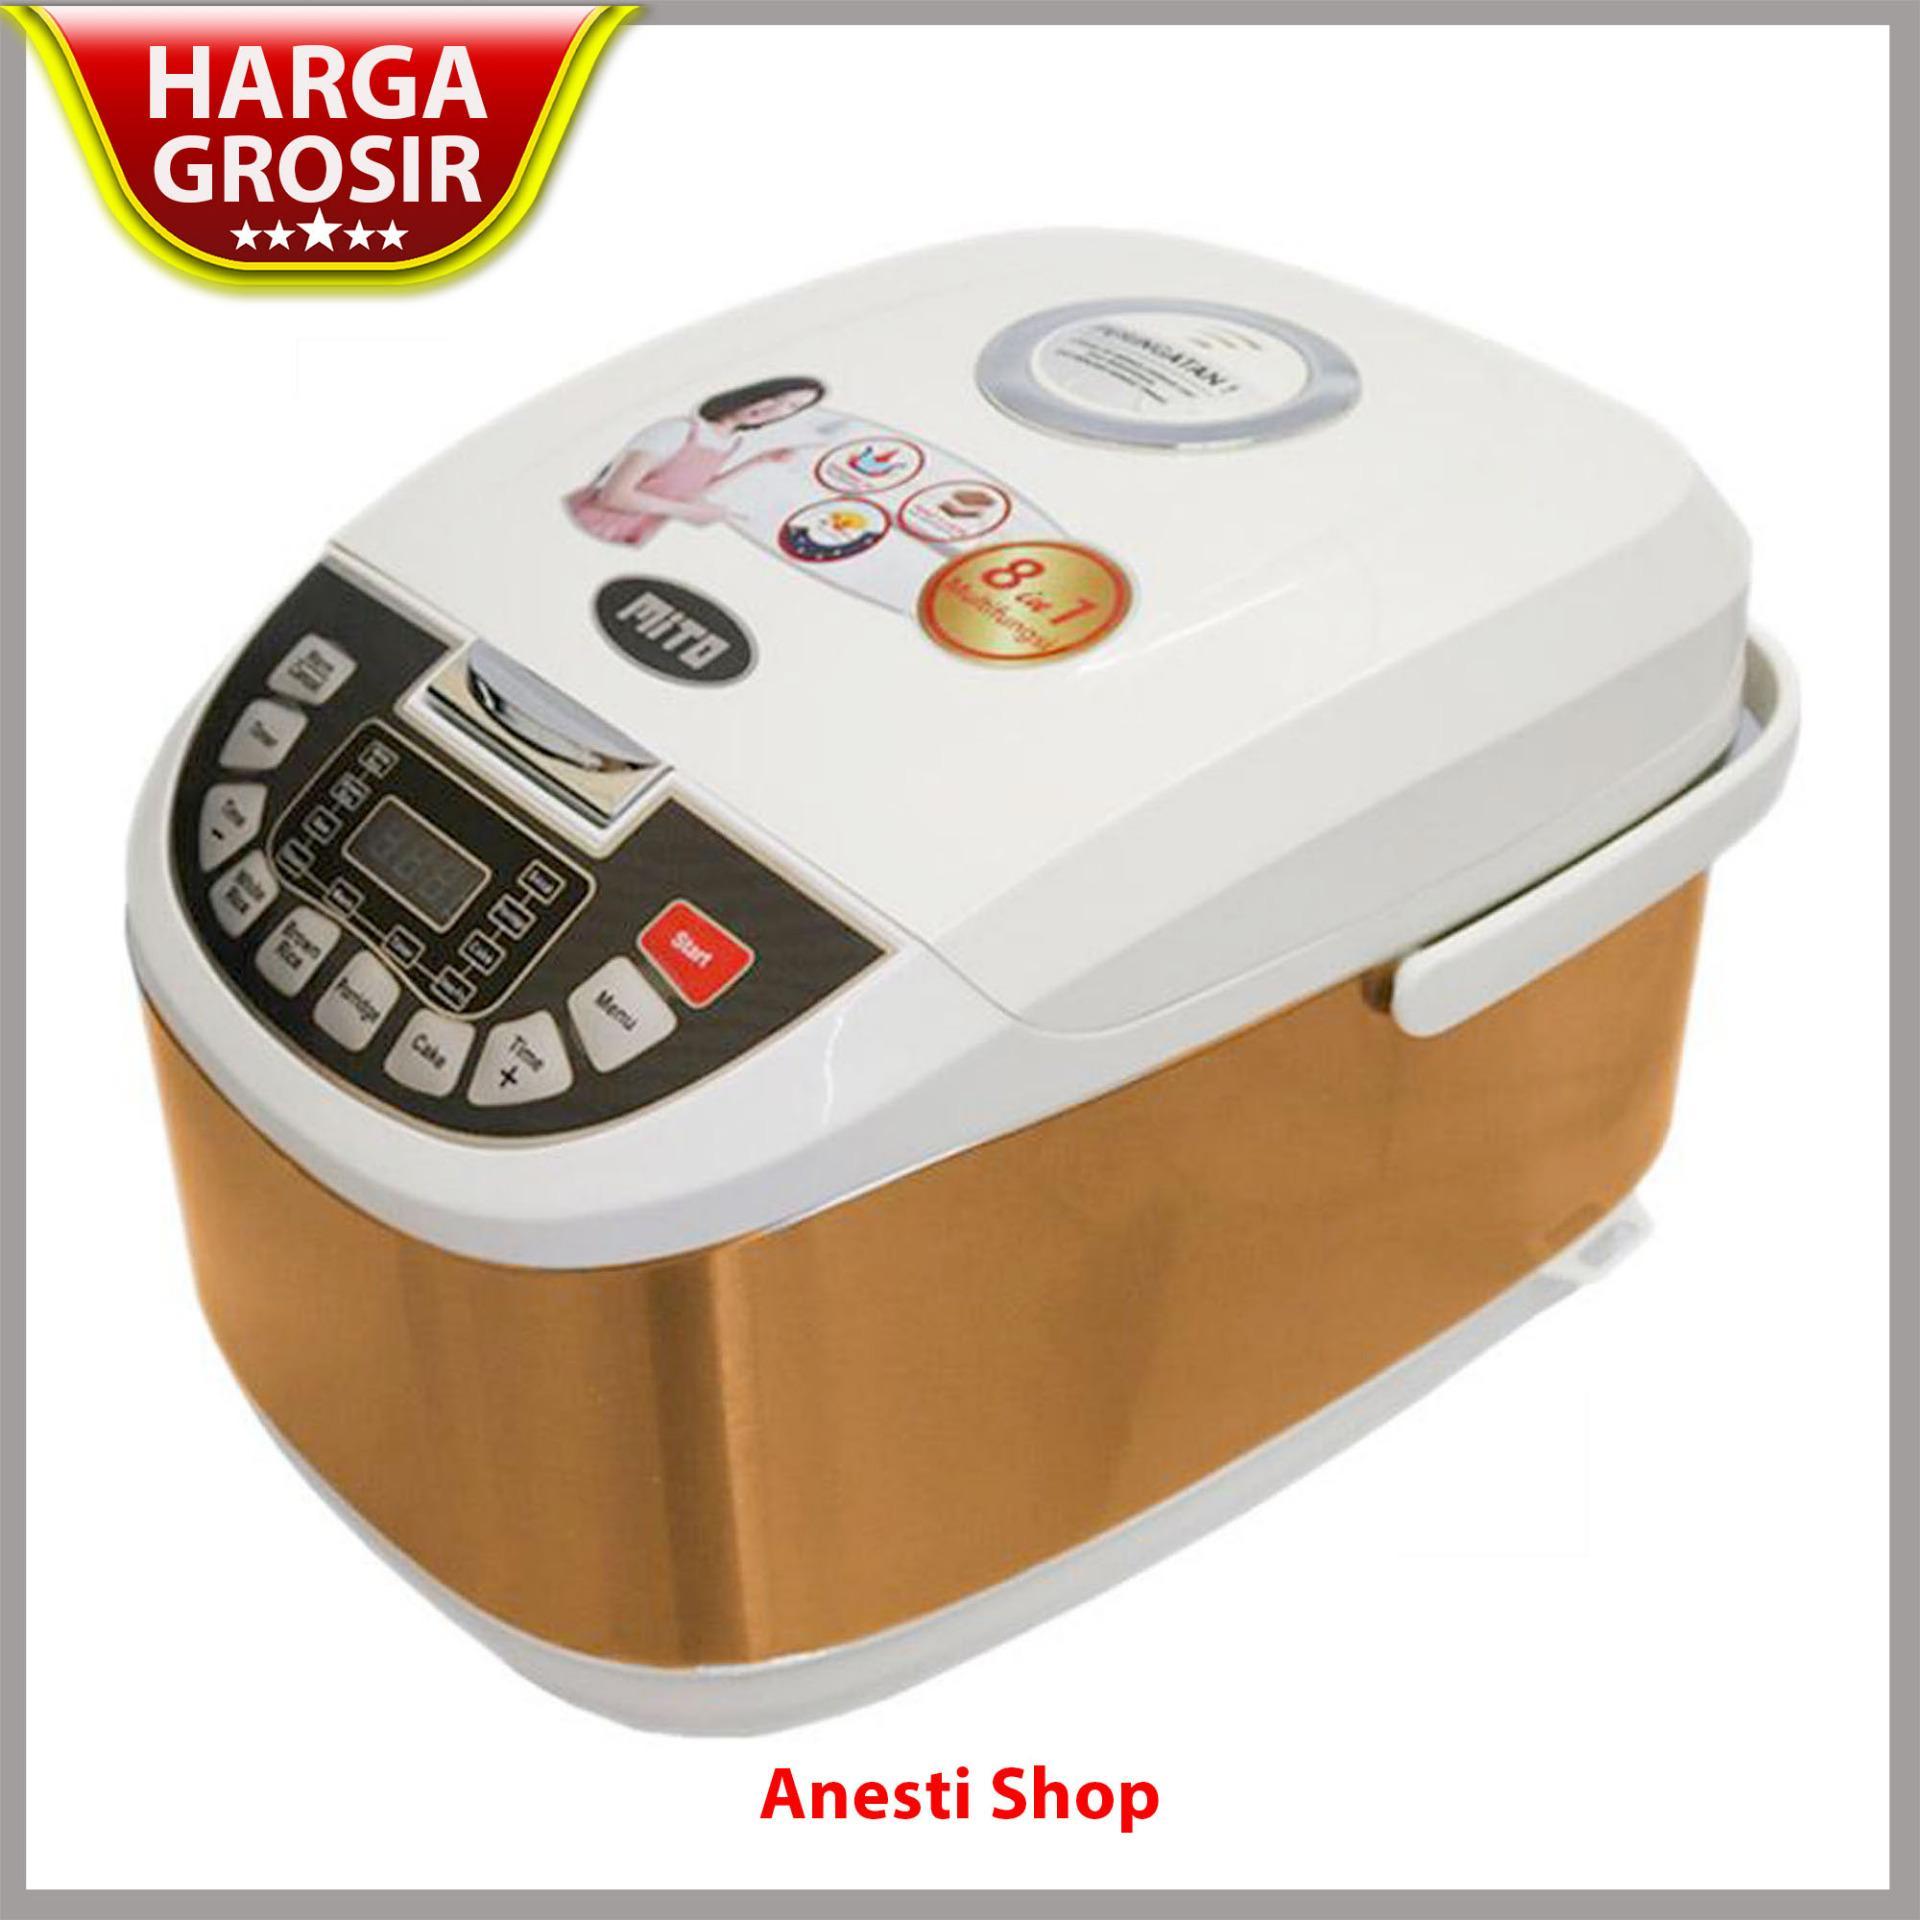 Maret 2018 Toko Kebutuhan Rumah Tangga Terlengkap 99 Miyako Mcm 609 Magic Com 06 Liter Warm And Cook Mito R5 Digital Rice Cooker 8 In 1 Kap 2 L Gold